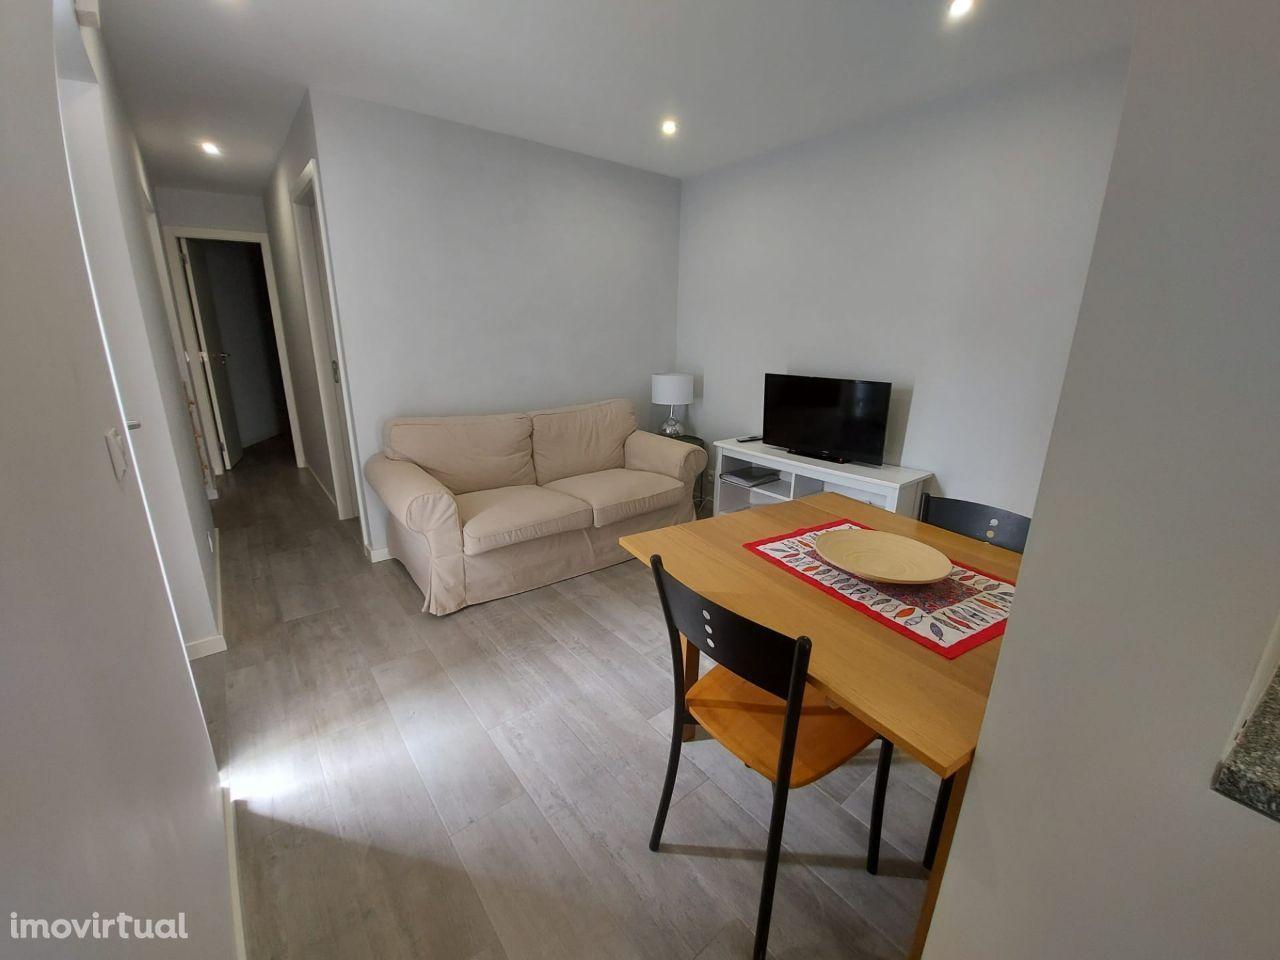 Apartamento T2 férias internet 6 min a pé praia São Martinho do Porto